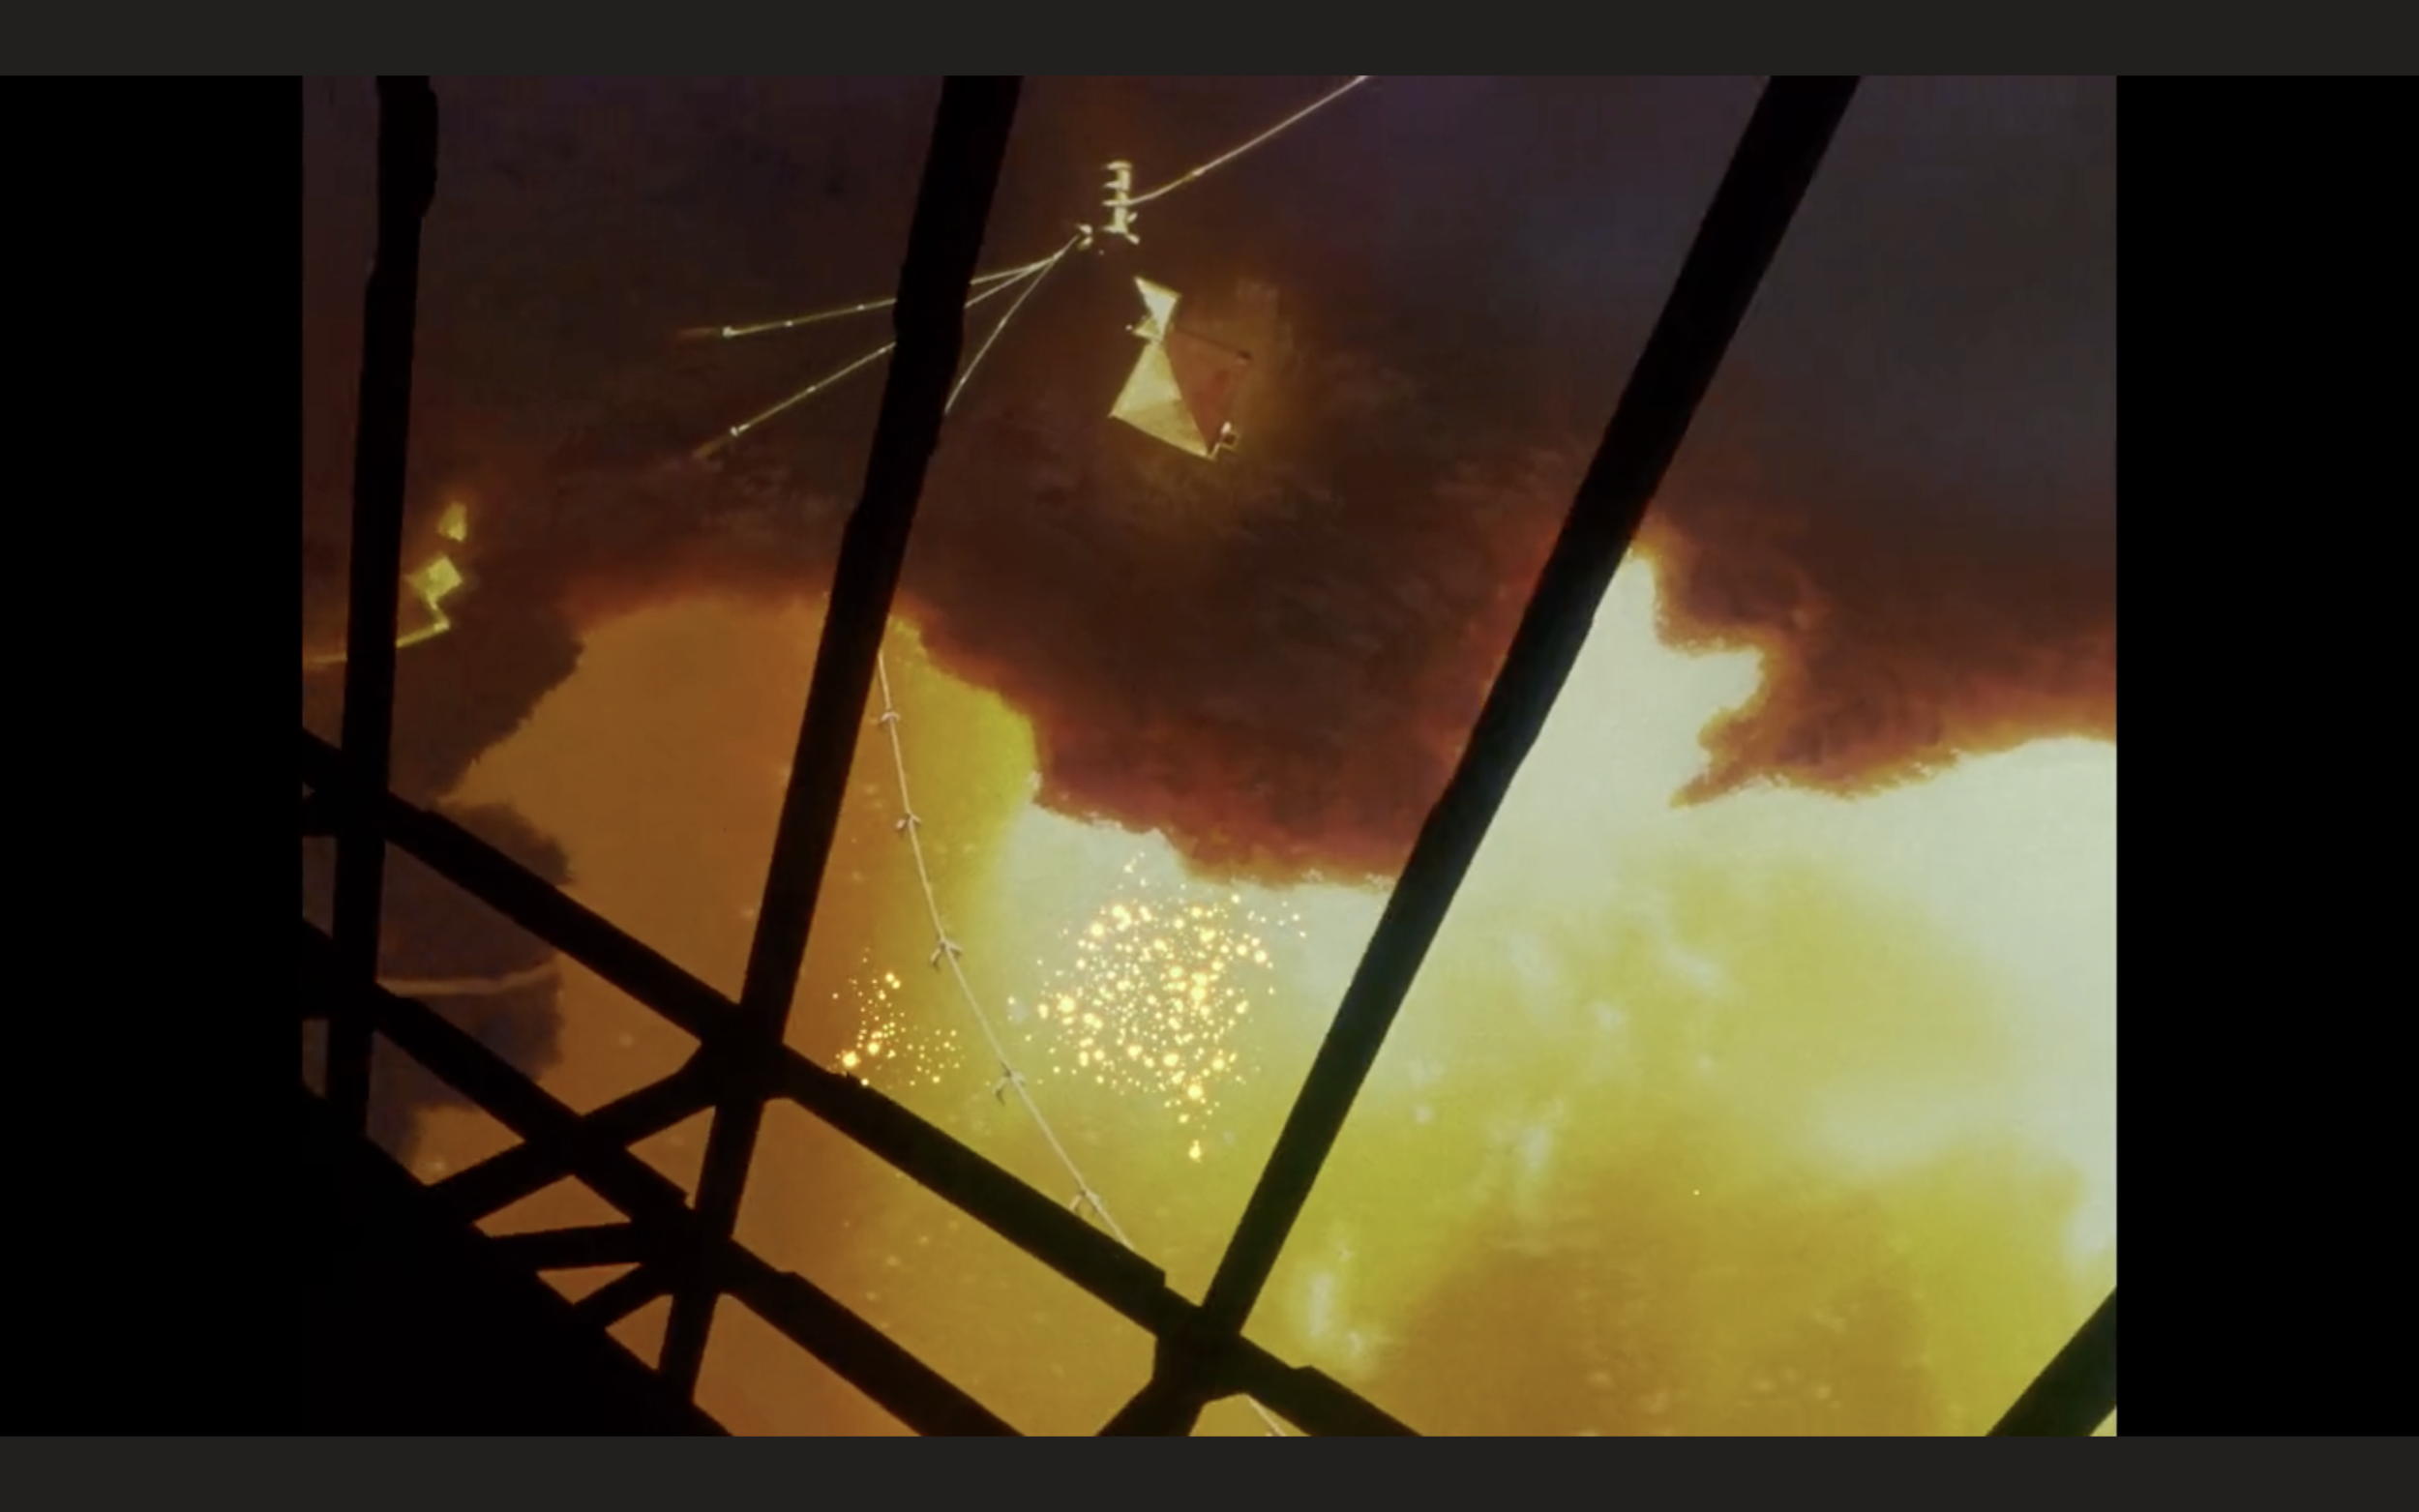 Screen Shot 2018-08-01 at 10.41.58 PM.png